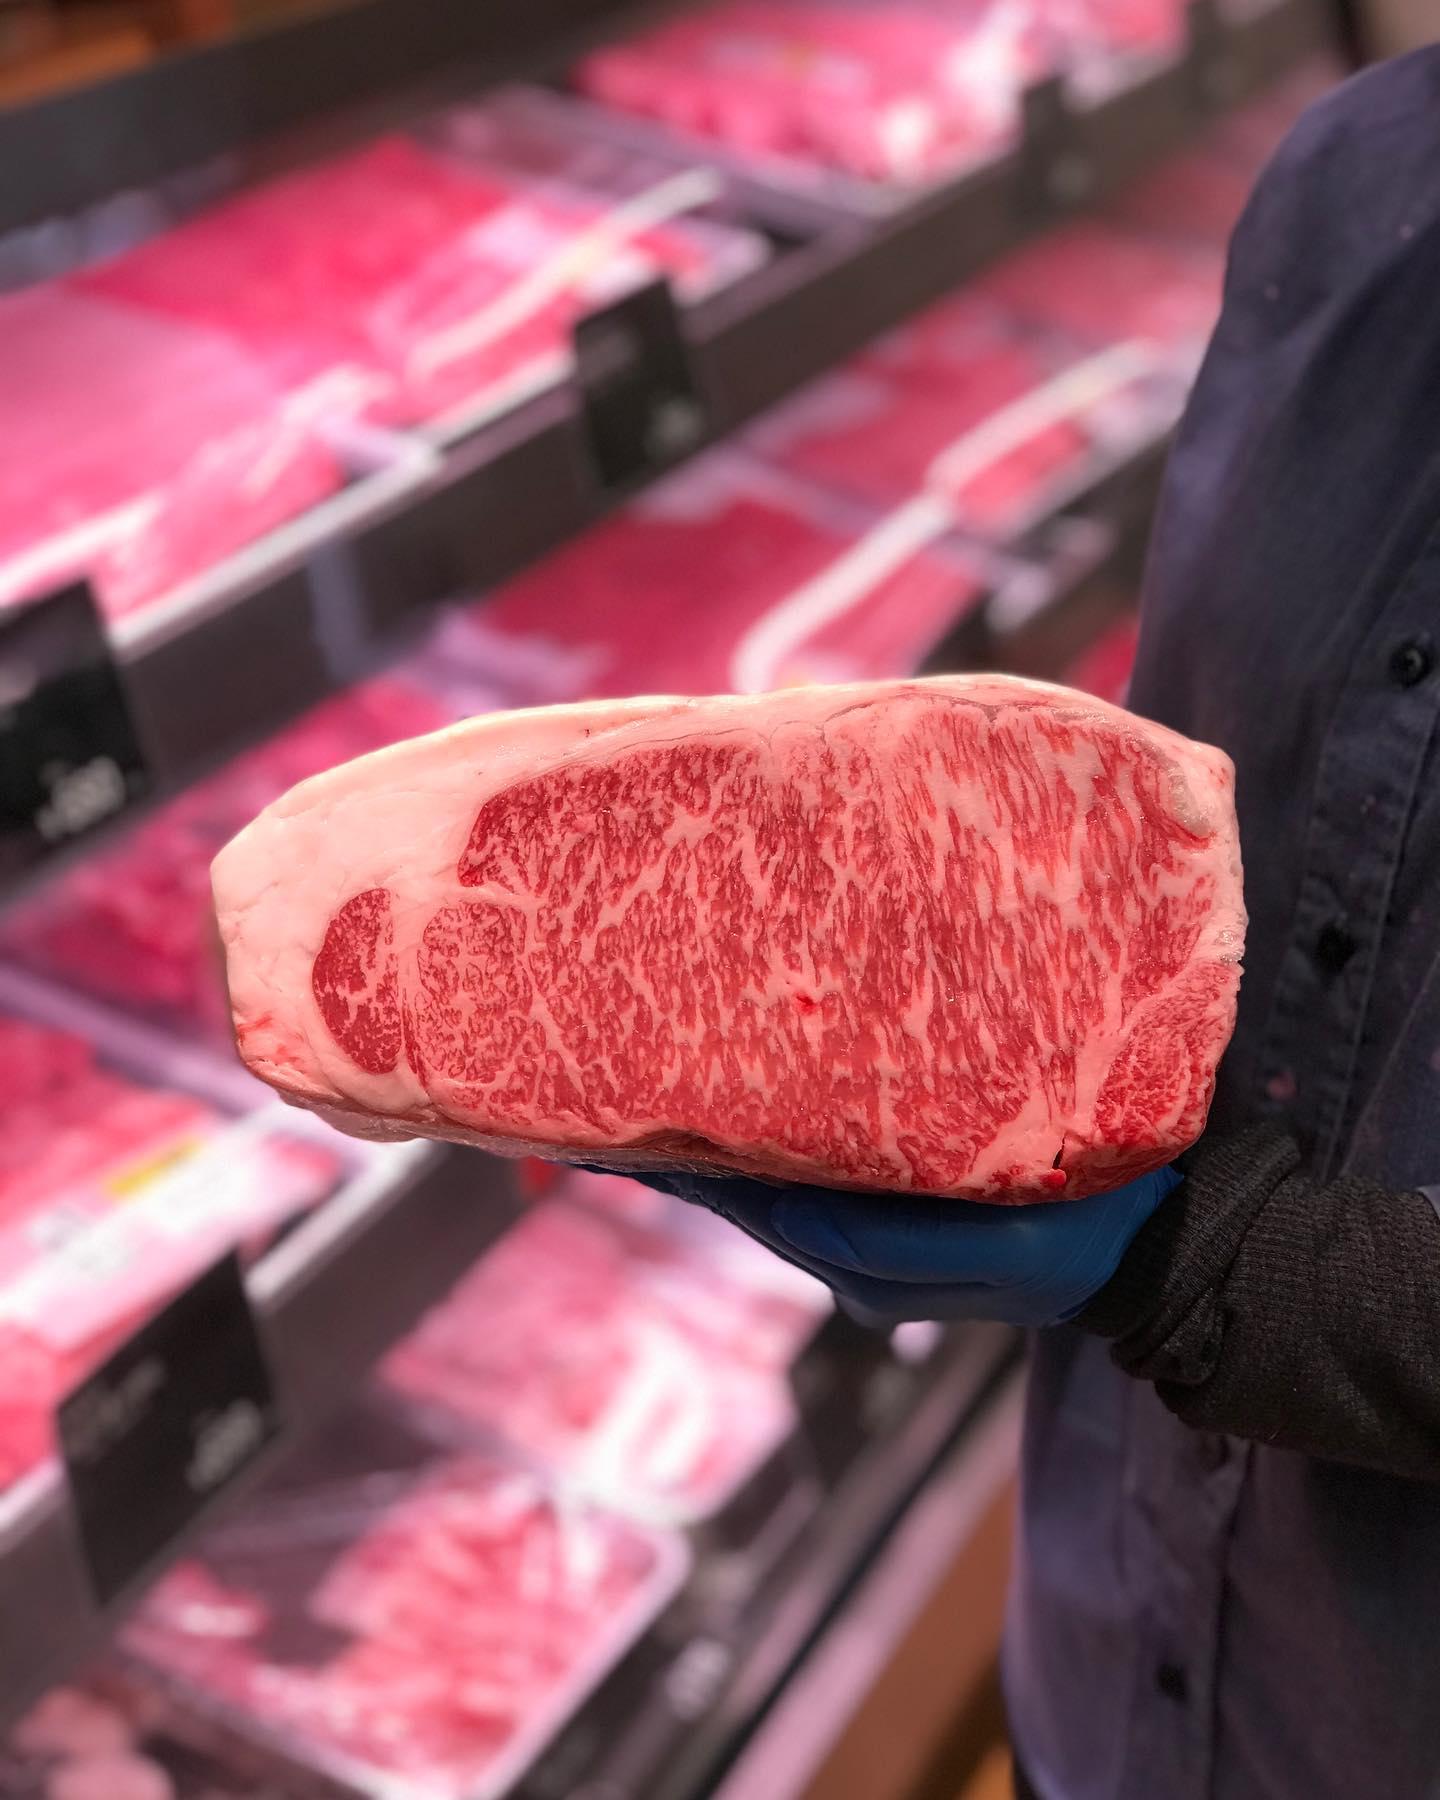 .【熊本 あか牛🐂】丸富精肉店ではあか牛も一頭買いしています。あか牛(褐毛和種)は希少な牛の一種で取り扱い店舗も少ないです。最近ではTVで特集されることも多くなり今一番話題の和牛といってもいいでしょう。その話題の理由としていえるのは赤身肉ブームだからです。霜降り肉はもちろん美味しいのですが、しっかりとした和牛の味が味わえてなおかつヘルシーなので量も食べれます。当店でも人気の部位は金曜日に完売してしまいます。気になる方は毎週末の金曜日にお越しください。特にフィレステーキは一瞬で売り切れます!.....#丸富精肉店#肉の丸富#焼肉まる富#精肉店#お肉屋さん#焼肉#すき焼き#バーベキュー#bbq#butcher#肉#お肉#肉スタグラム#instafood#黒毛和牛#wagyu#佐賀牛#三郎牛#知多牛#あか牛#熊本あか牛#オリーブ牛#一頭買い #褐毛和種#サーロイン#サーロインステーキ